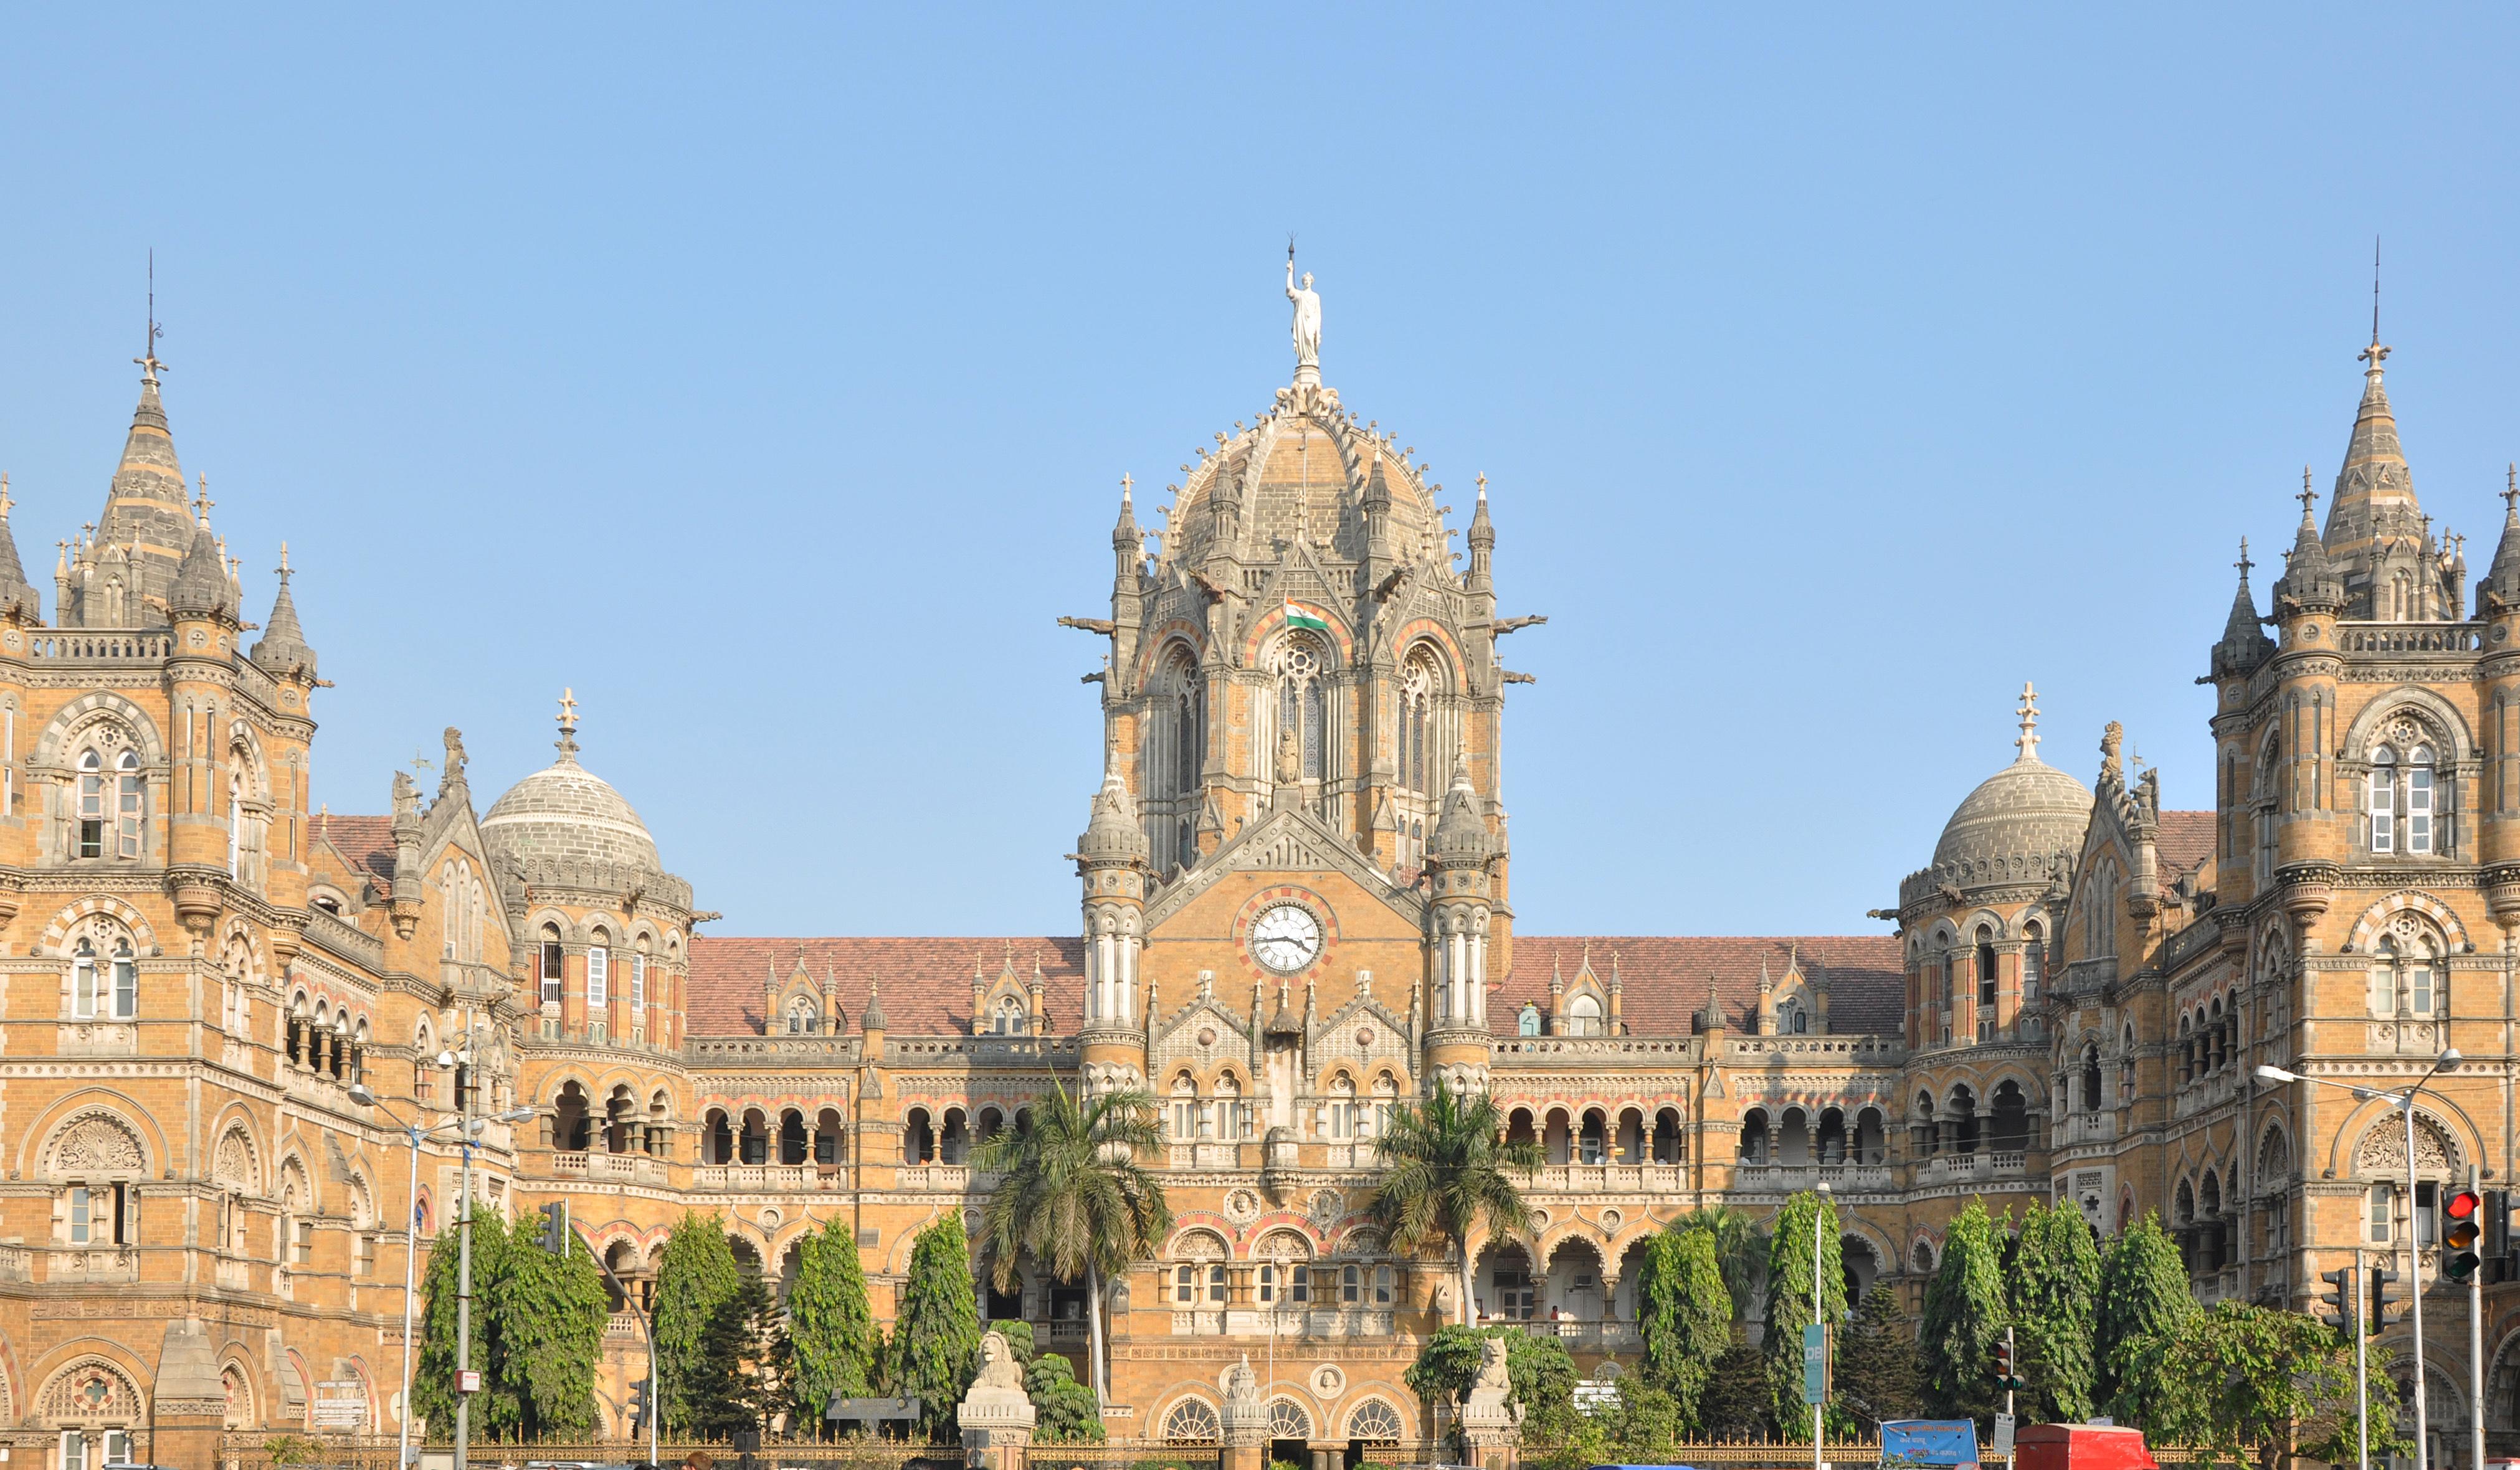 CST Chhatrapati Shivaji Terminus